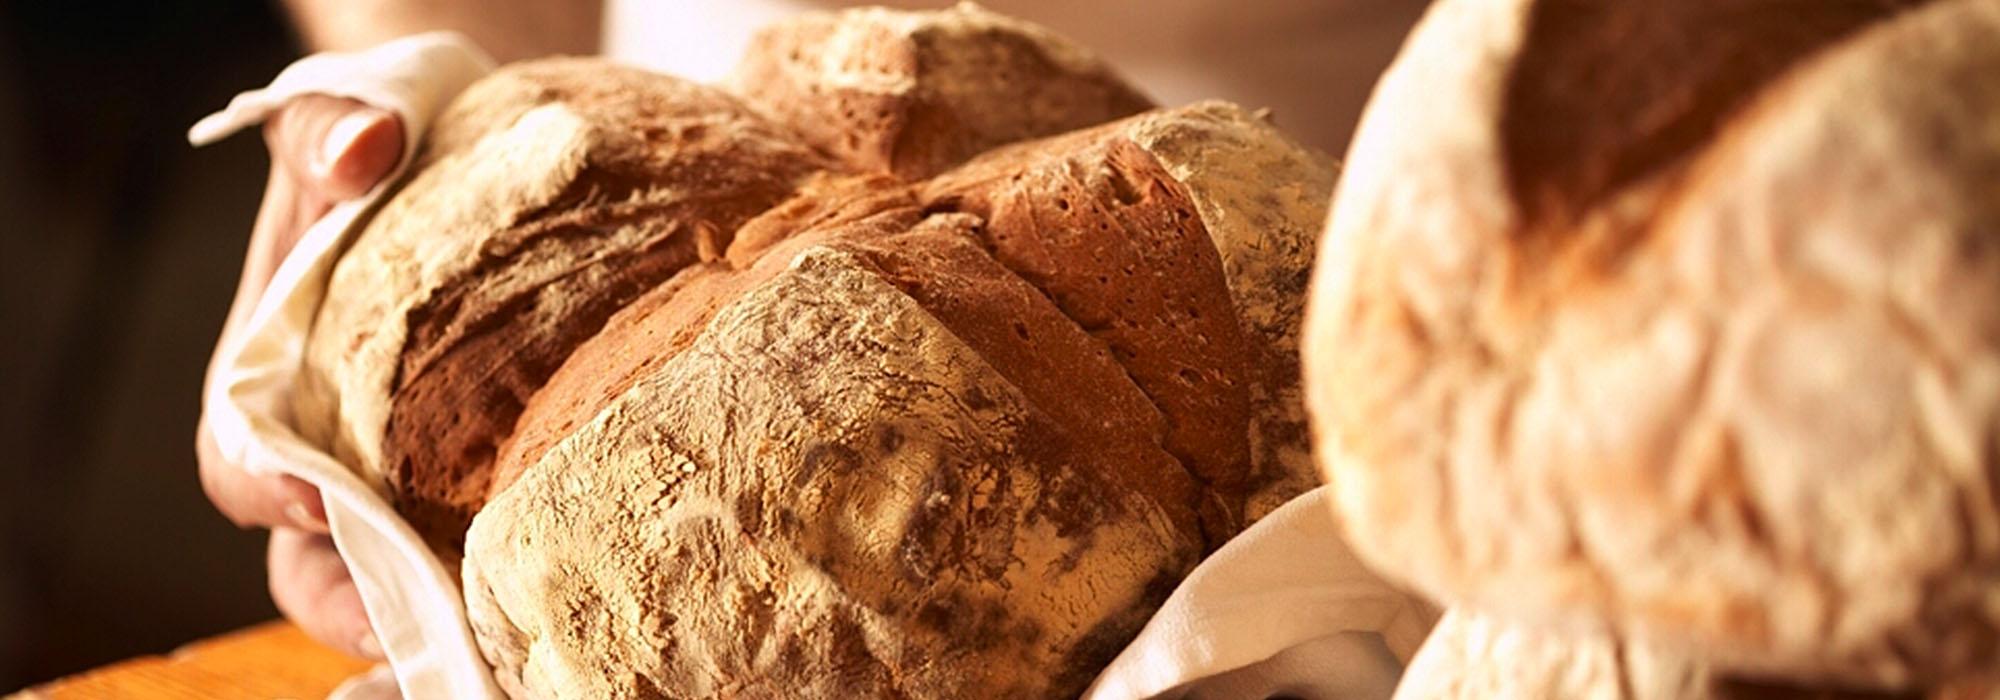 bread-002